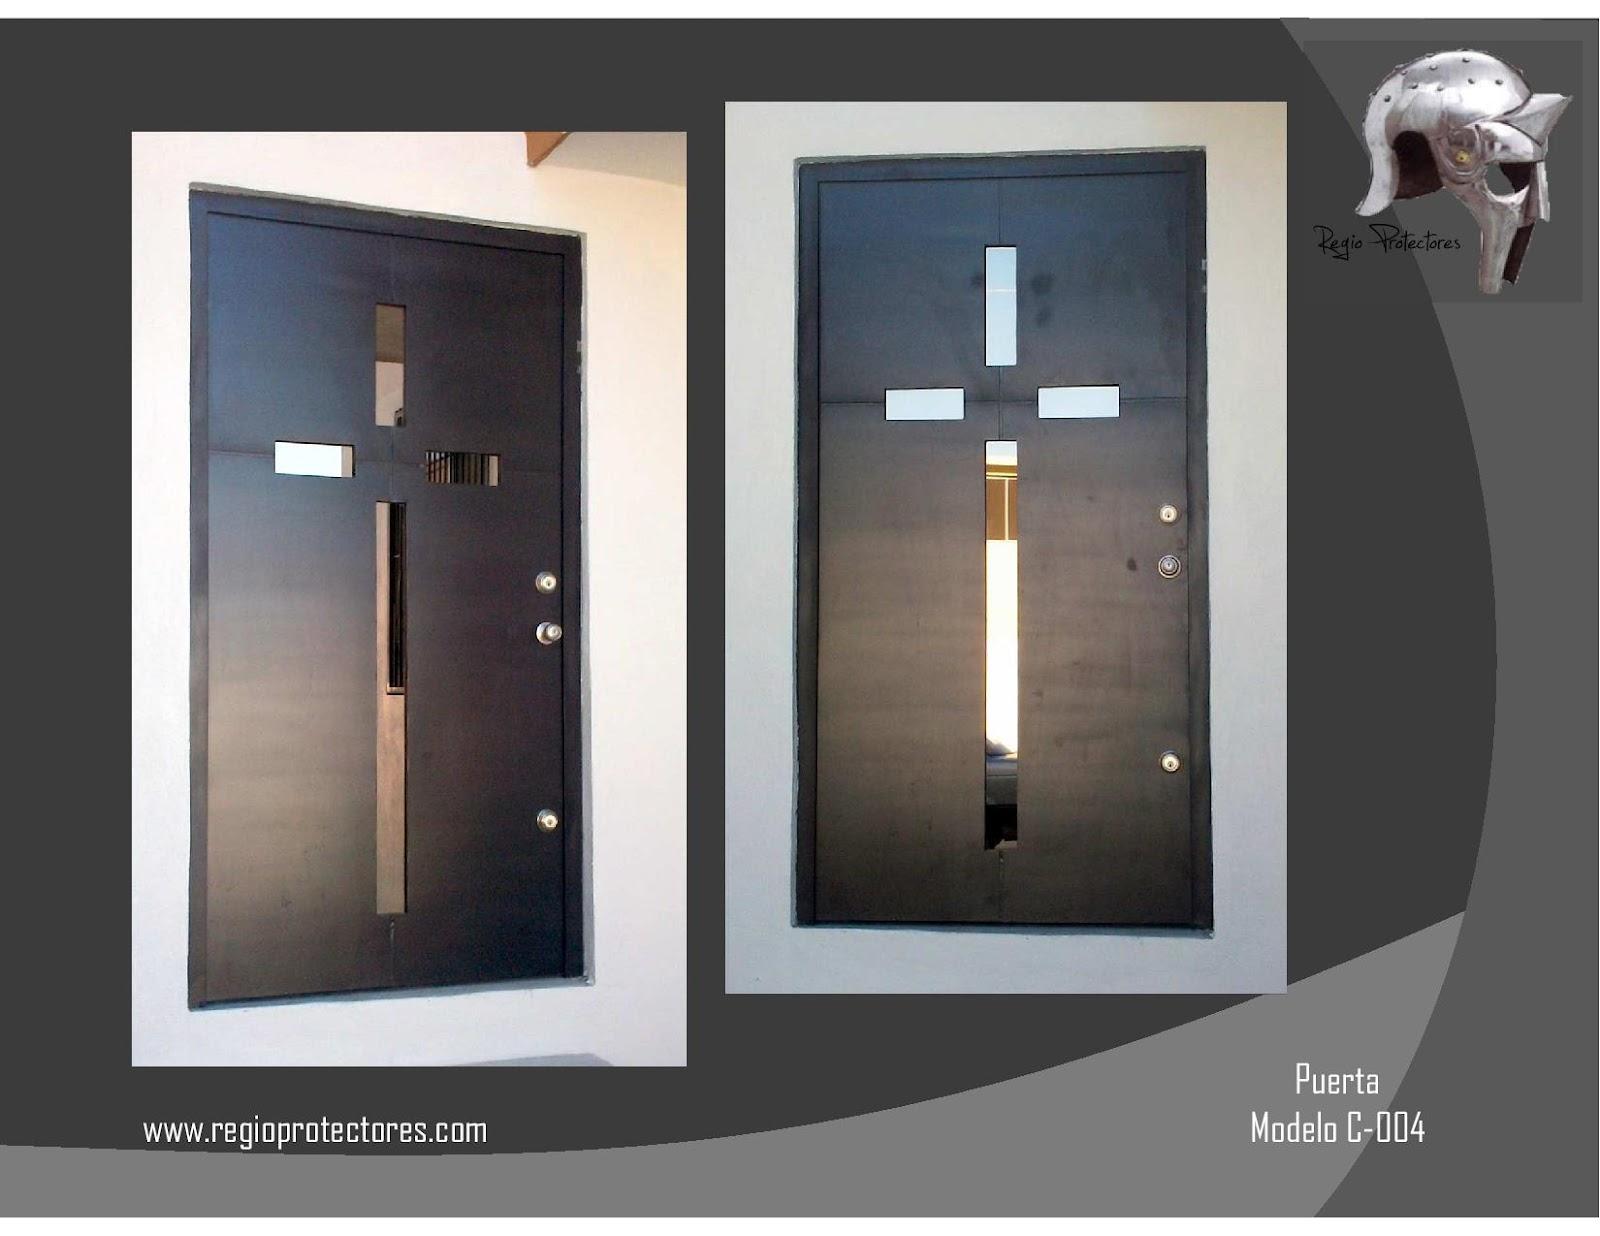 Puertas de herreria para entrada principal puertas - Puertas de herreria para entrada principal ...